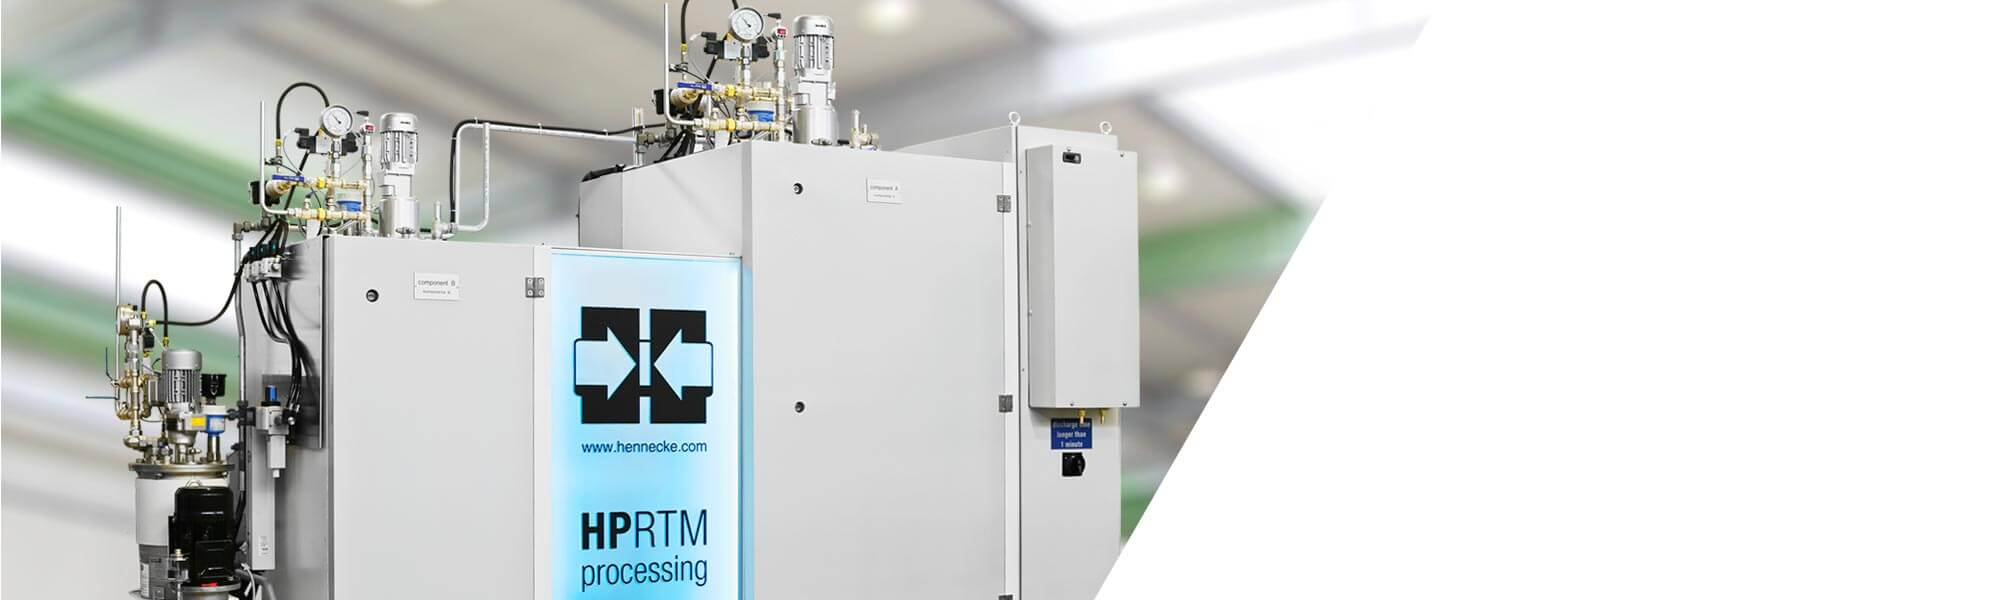 HP-RTM 테크놀로지